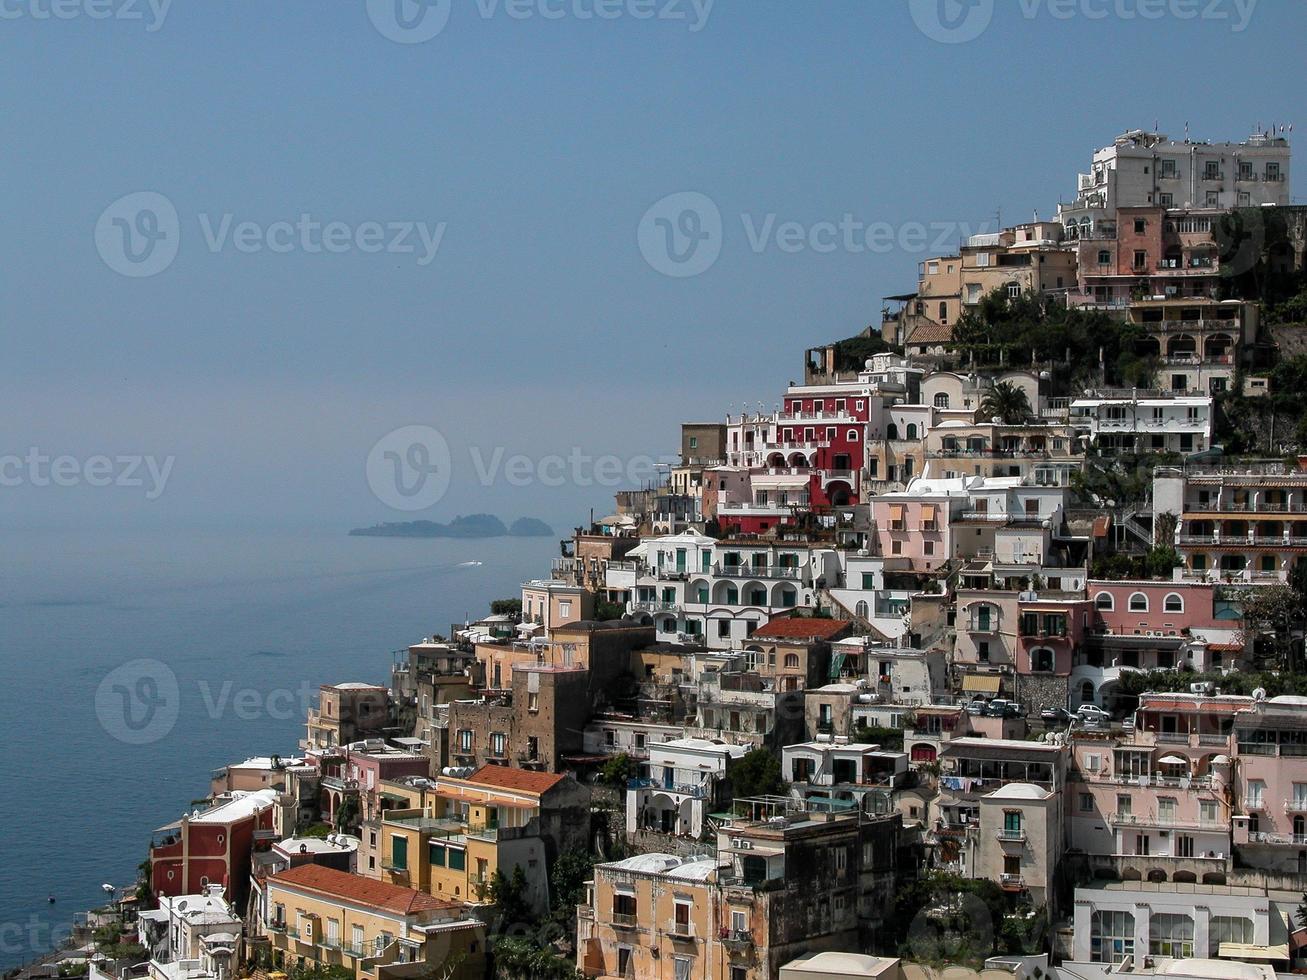 Positano - Bild von dicht gedrängten Häusern gegen das Meer. foto